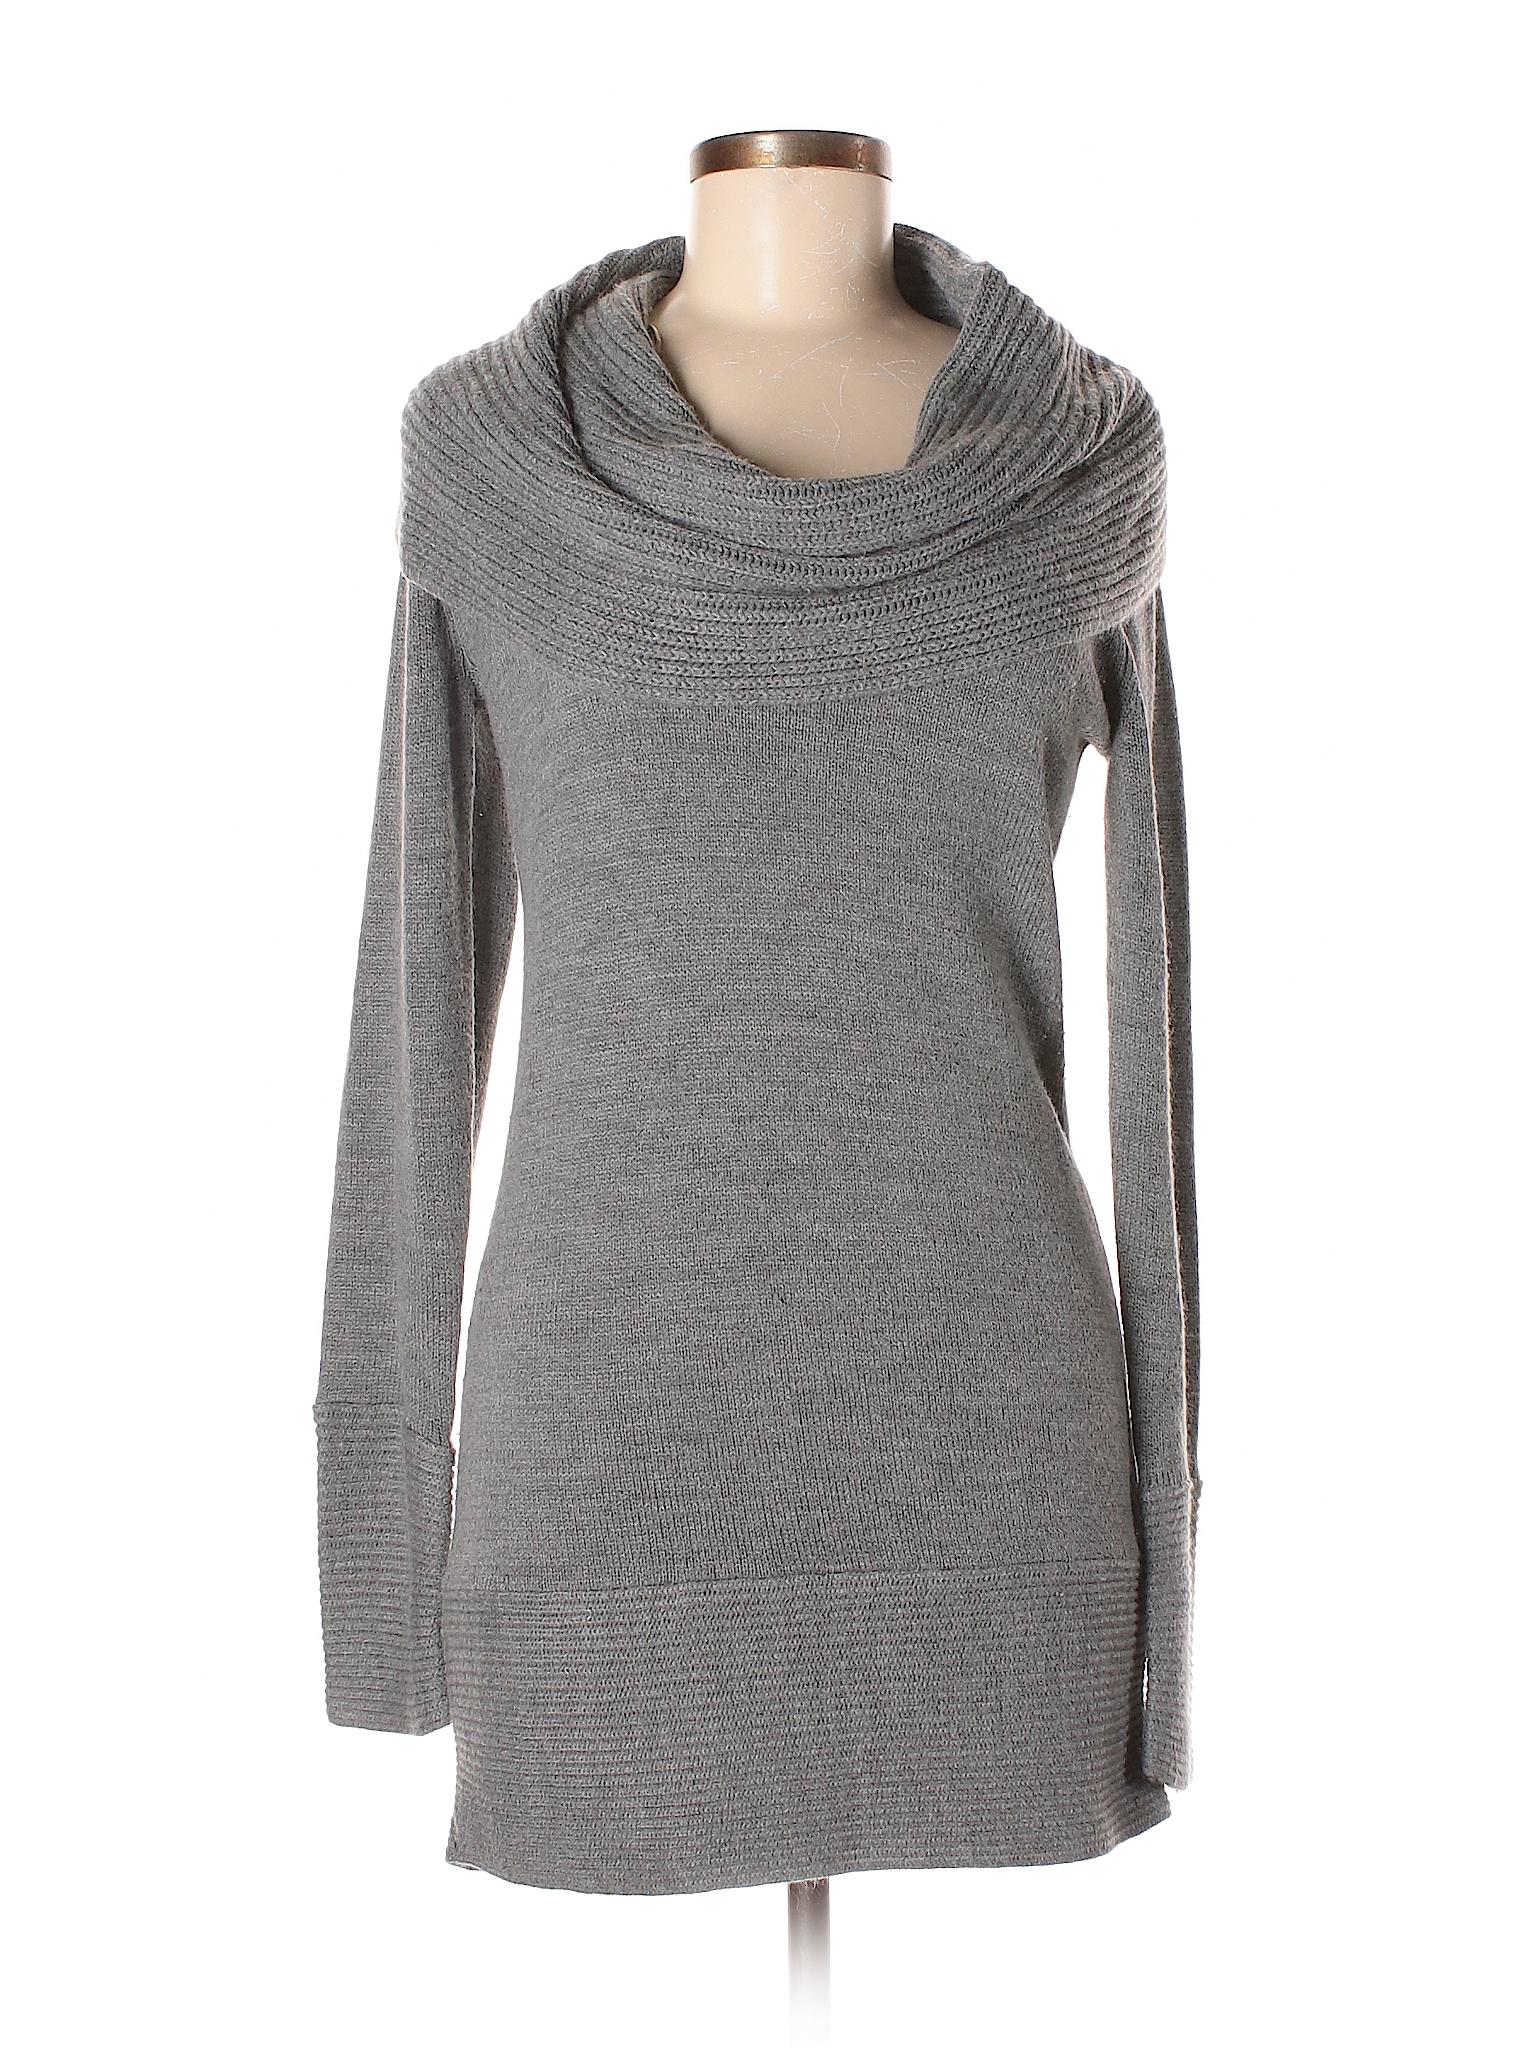 Boutique H H amp;M Boutique amp;M H Sweater Pullover amp;M Pullover Sweater Pullover Boutique p6Eqn